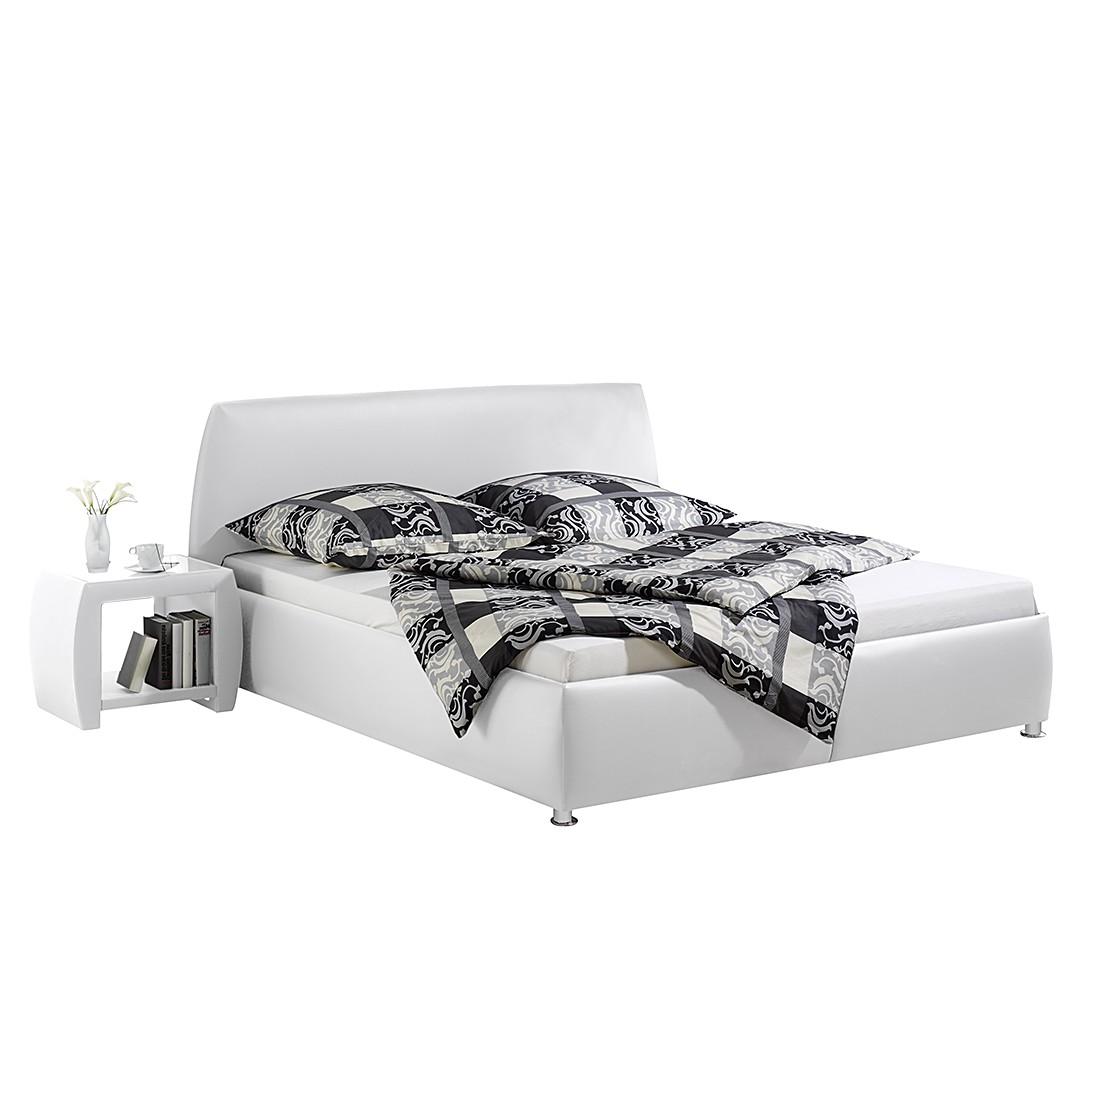 Gestoffeerd bed Mio - kunstleer - 100 x 200cm - Bedframe zonder matras & lattenbodem - Wit, Monaco